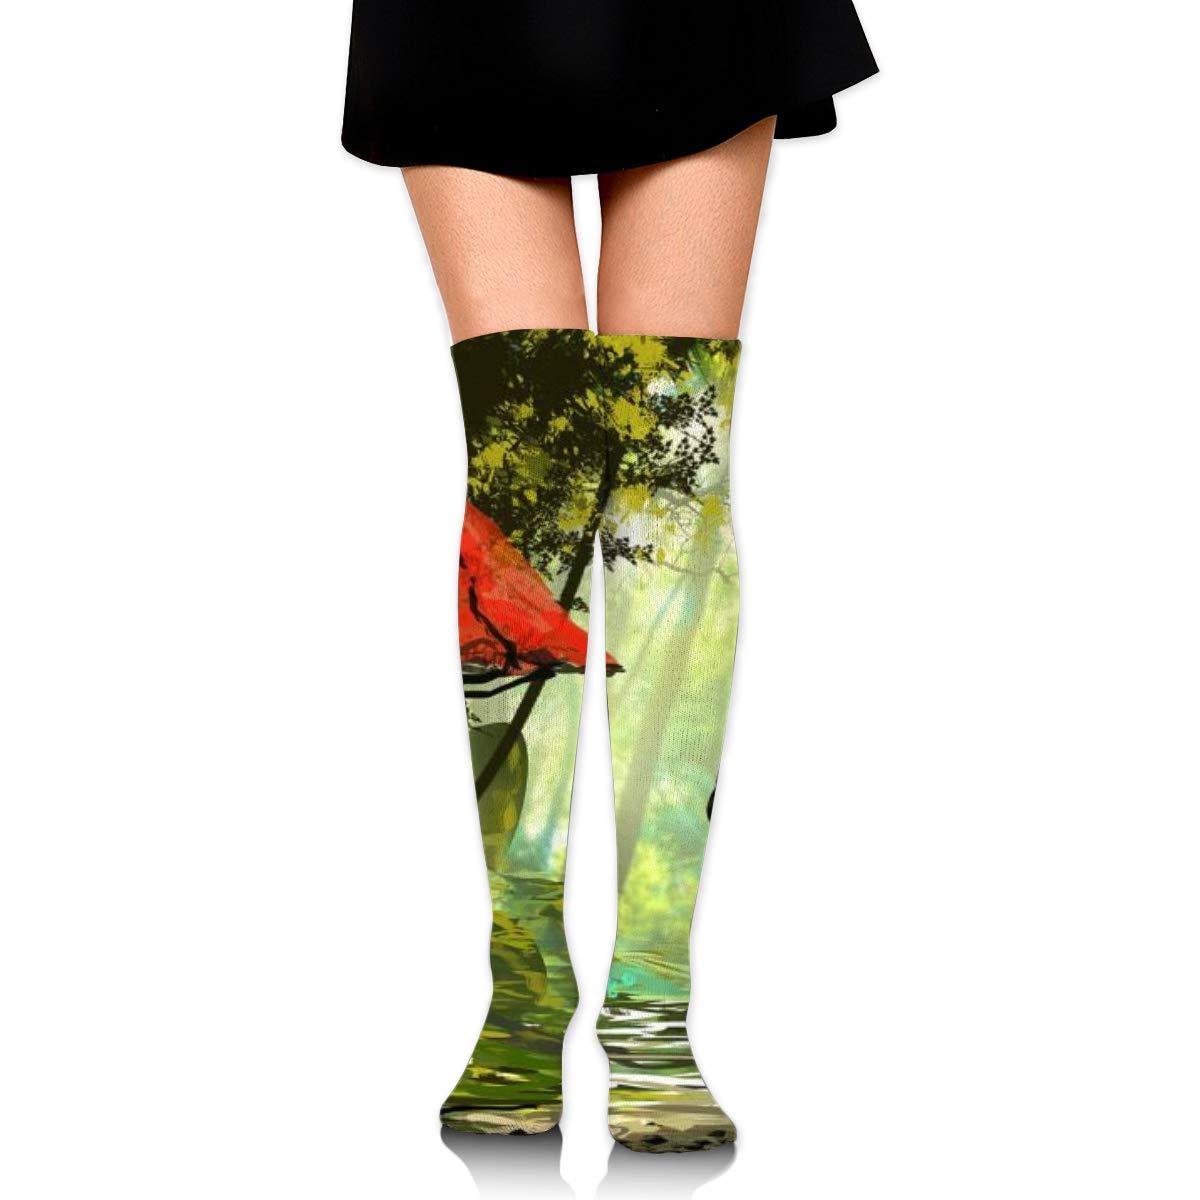 Kjaoi Girl Skirt Socks Uniform Large Mushroom Women Tube Socks Compression Socks